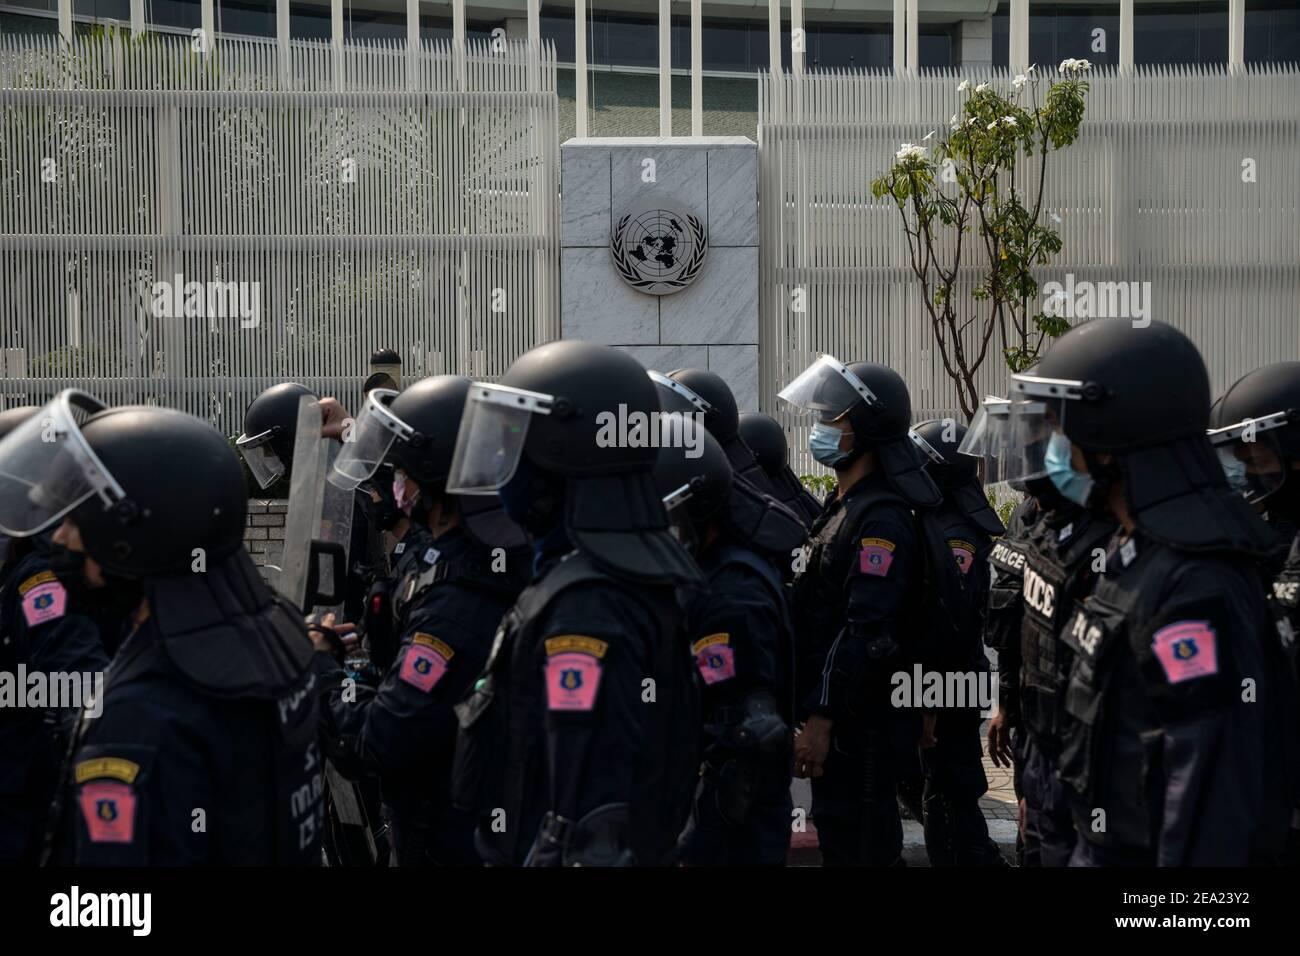 Thaïlande. 7 février 2021. La police anti-émeute thaïlandaise s'est déplacée pour disperser les manifestants à l'extérieur du bâtiment de la CESAP de l'ONU lors d'une manifestation contre le coup d'État militaire du Myanmar, à Bangkok, en Thaïlande, le dimanche 7 février 2021, à Bangkok, en Thaïlande. Credit: Andre Malerba/ZUMA Wire/Alay Live News Banque D'Images